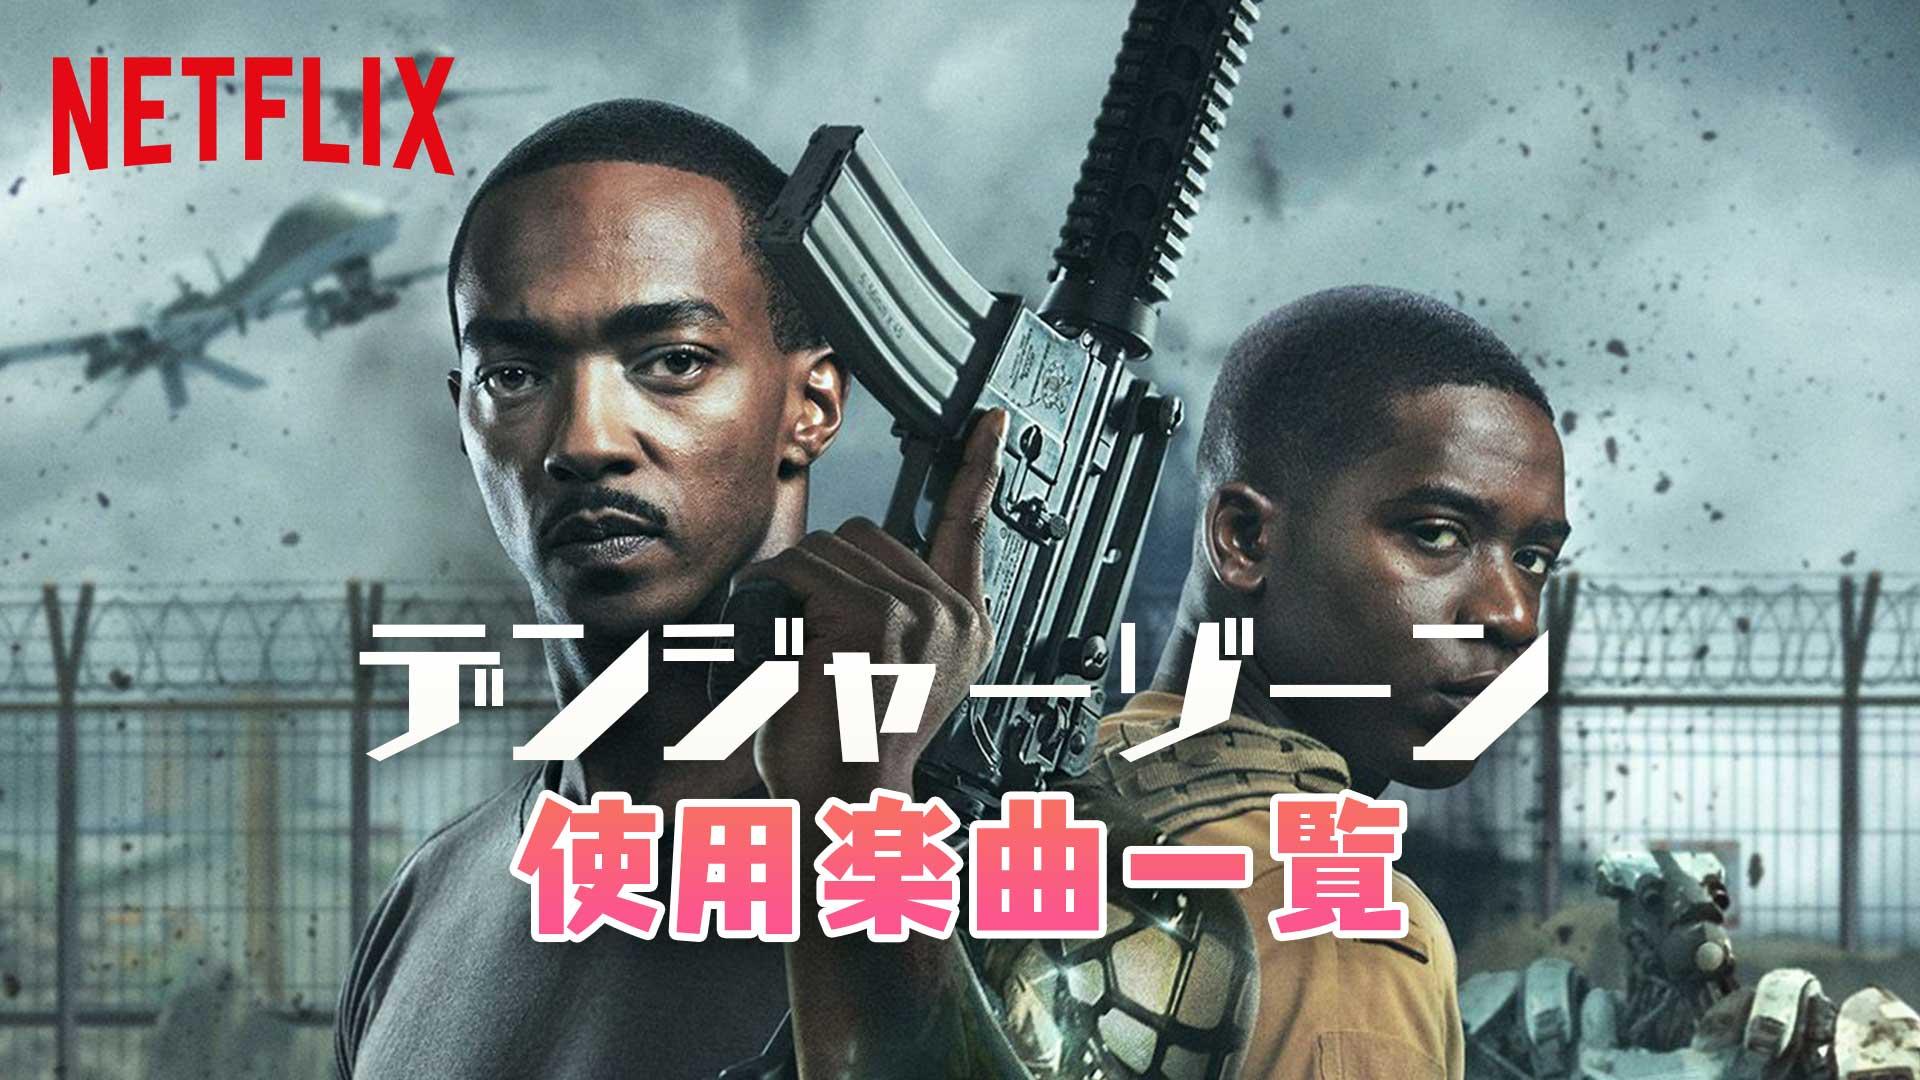 Netflix映画『デンジャーゾーン』で使われている曲まとめ!